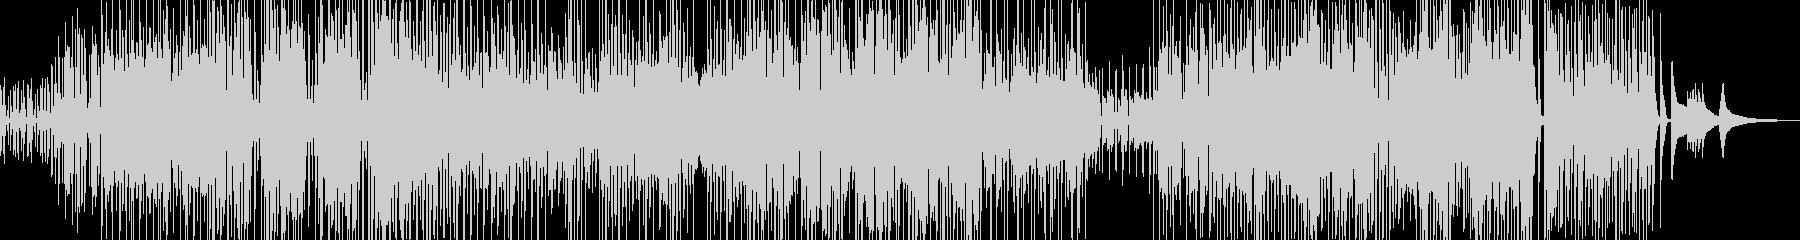 三味線・ユーモラスなジャズ+サックスの未再生の波形